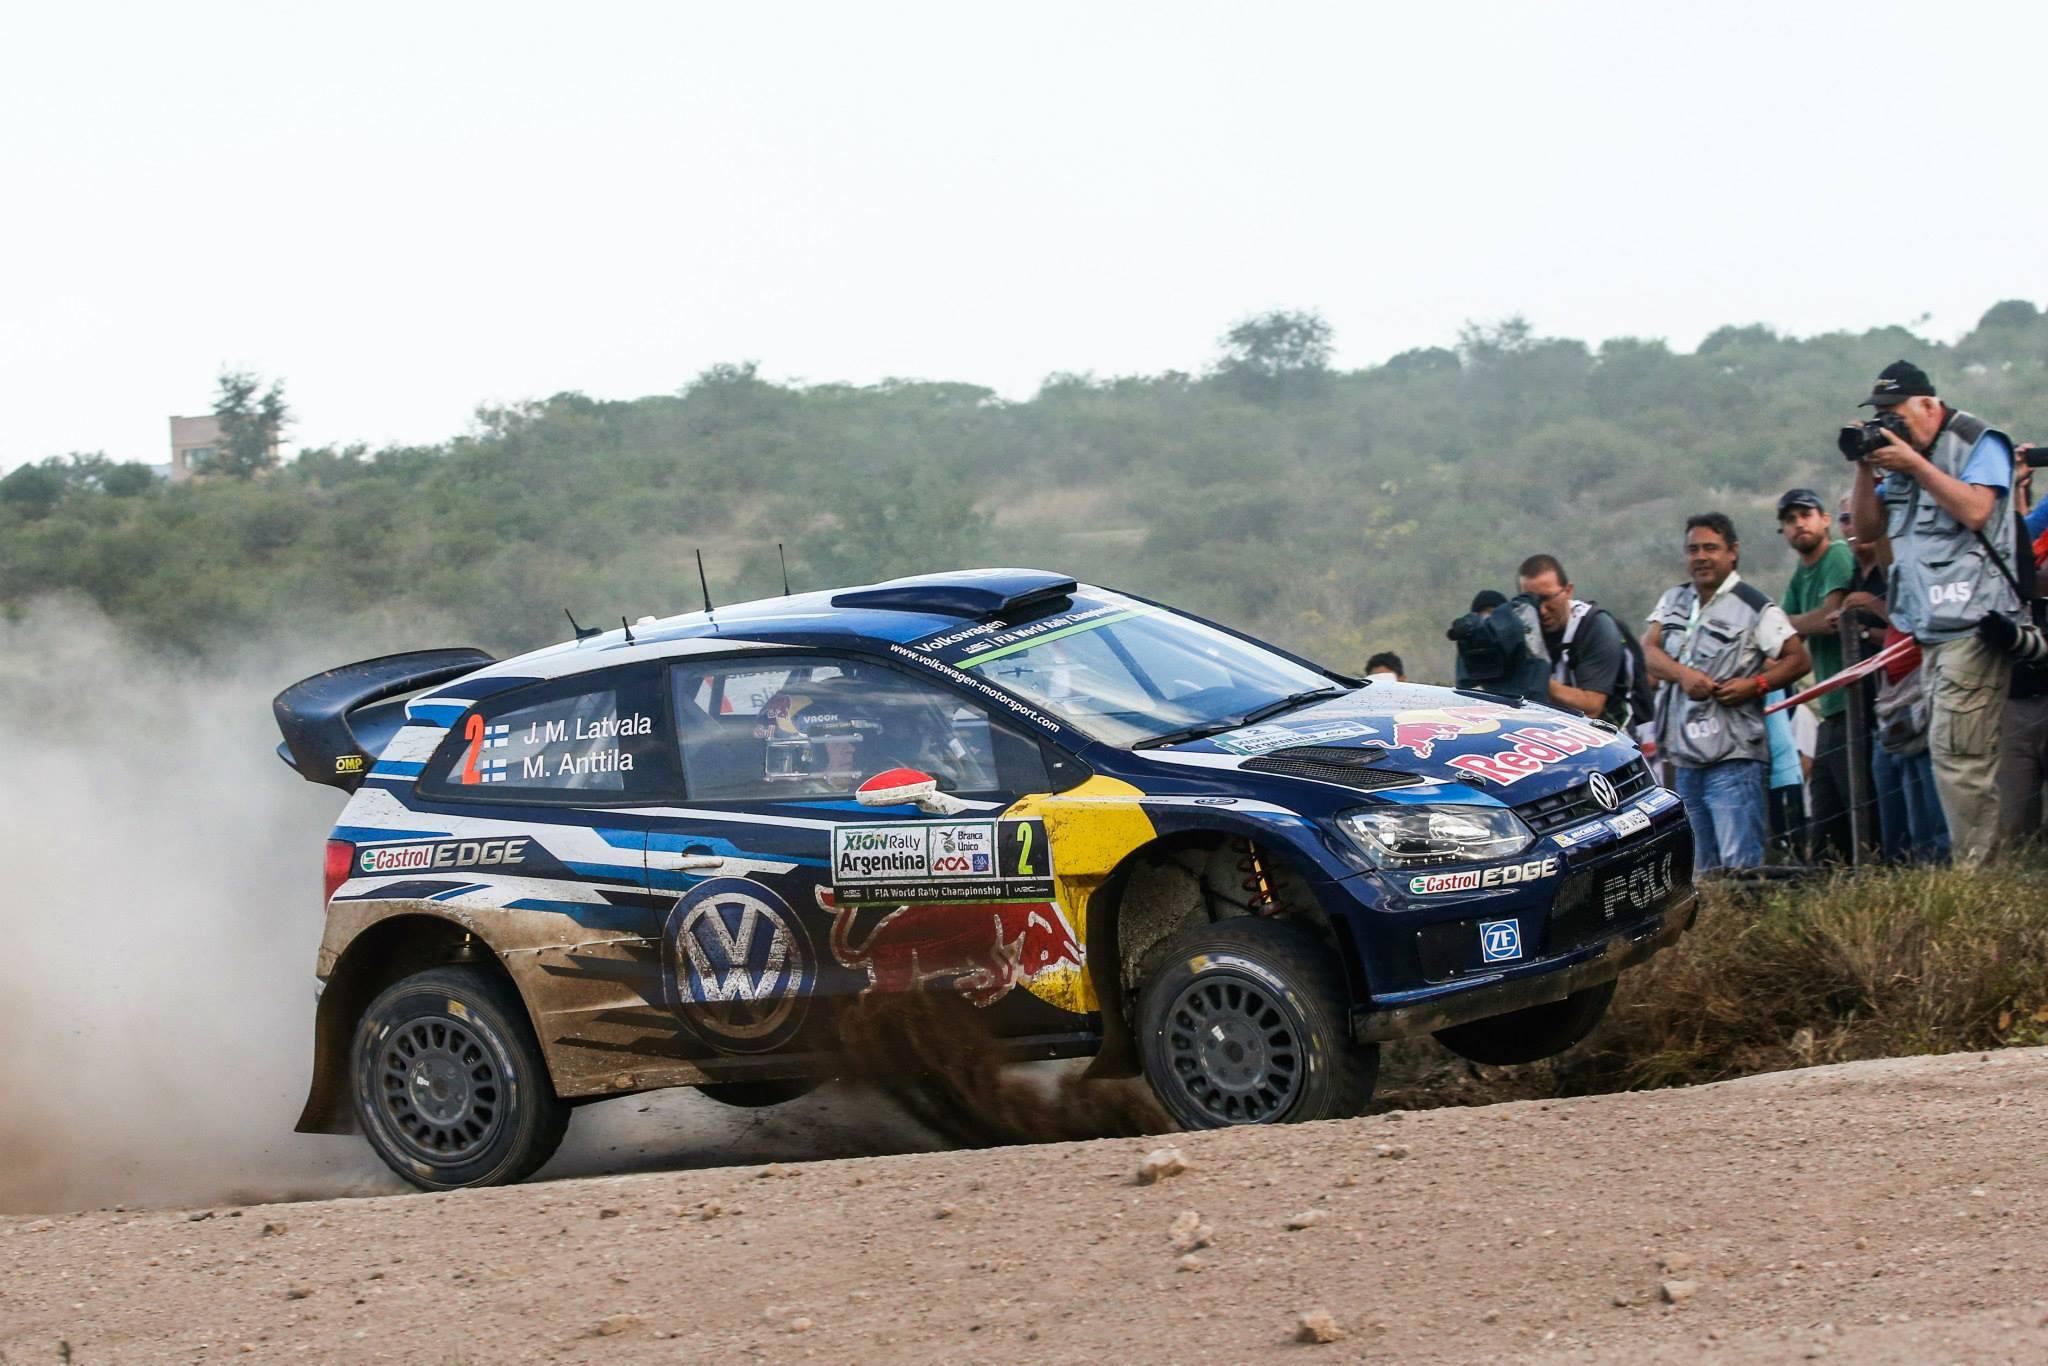 Rallye l'équipe 21